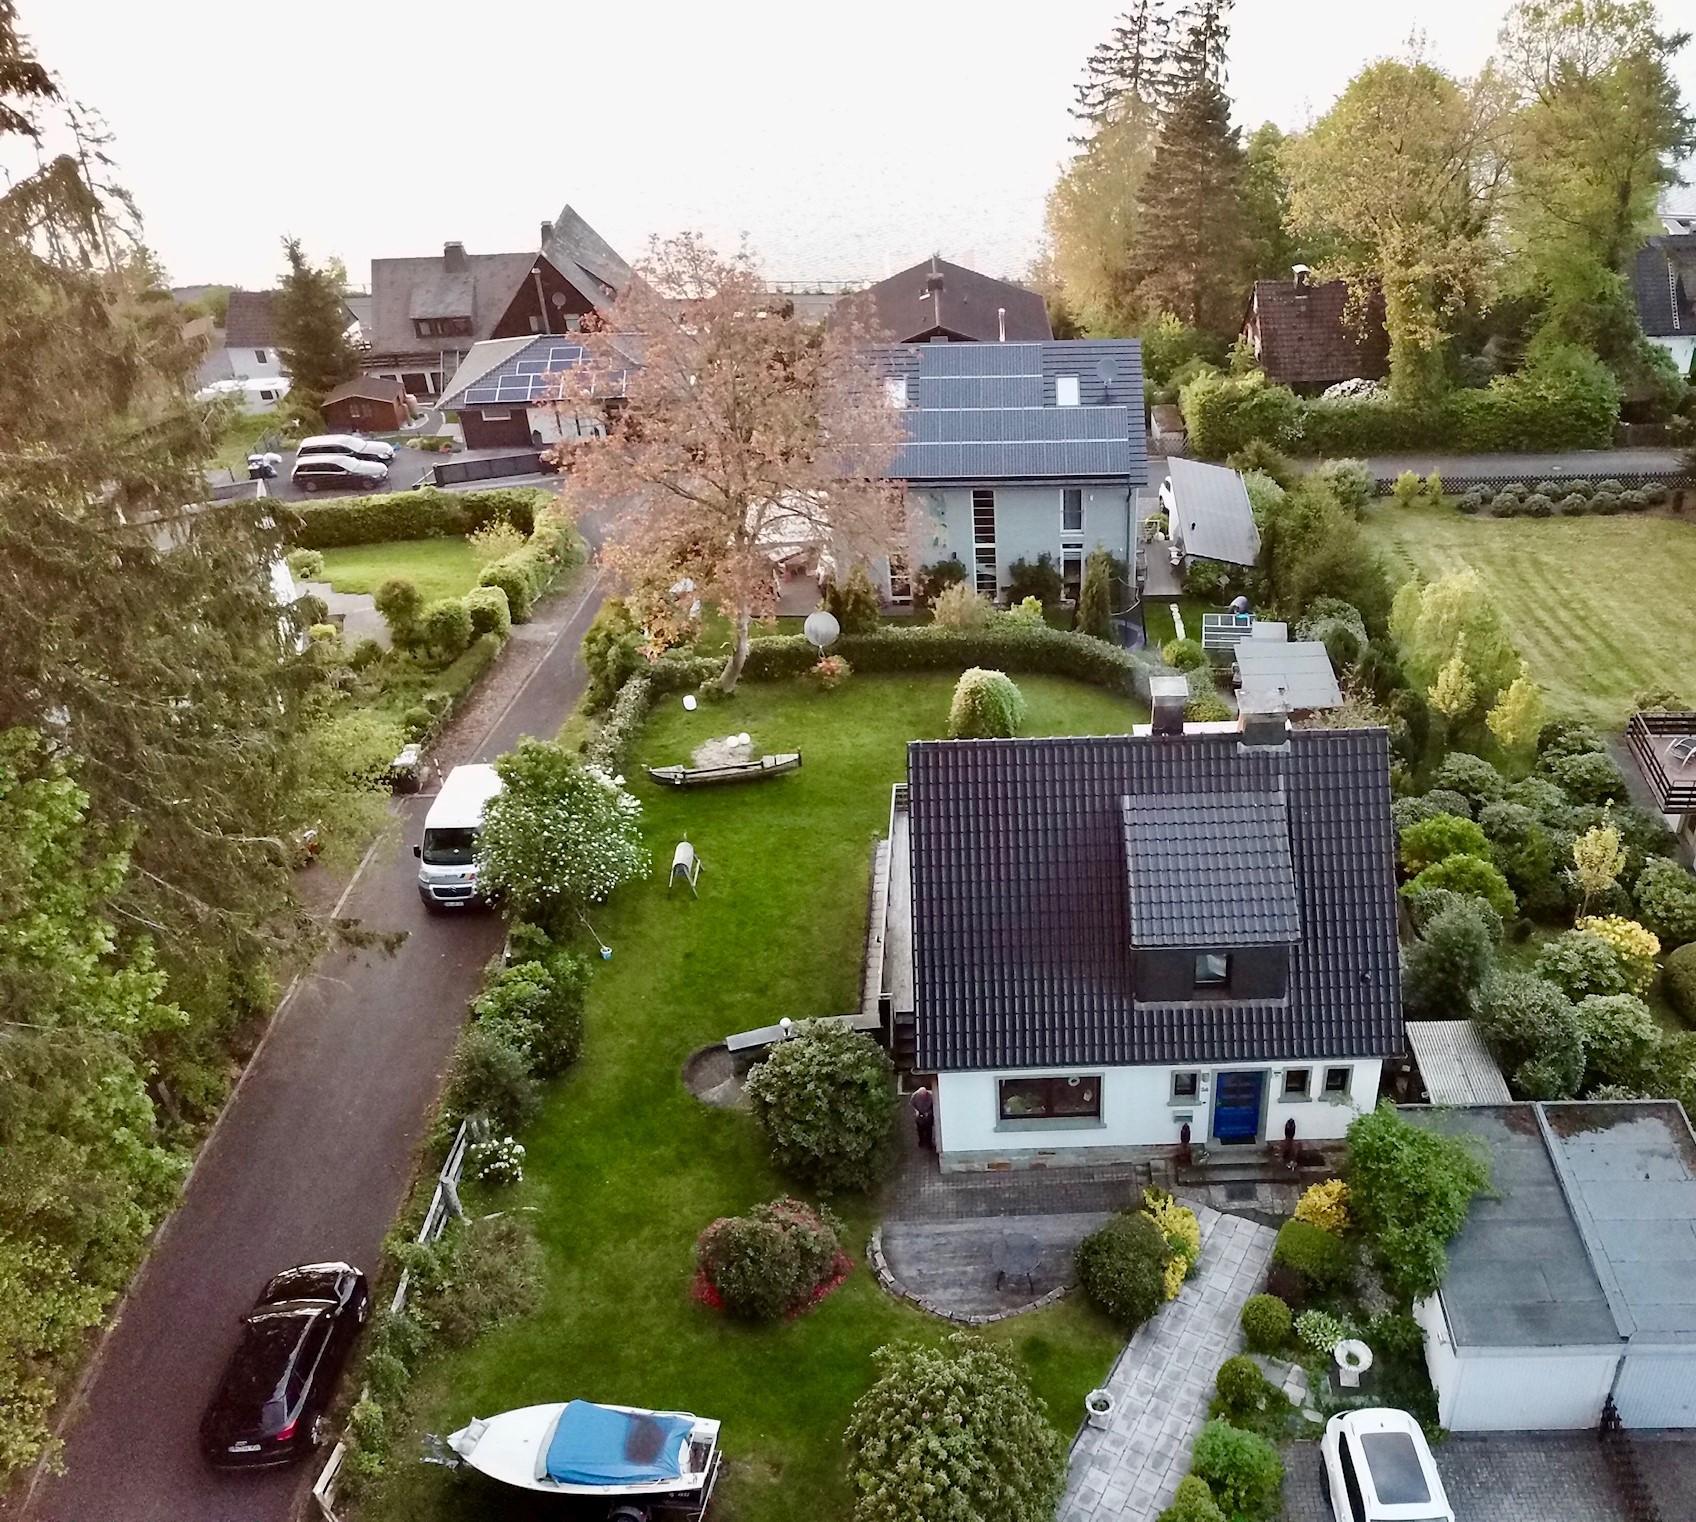 Ferienhaus Dell, (Möhnesee). Ferienhaus Dell, Ferienhaus in Deutschland